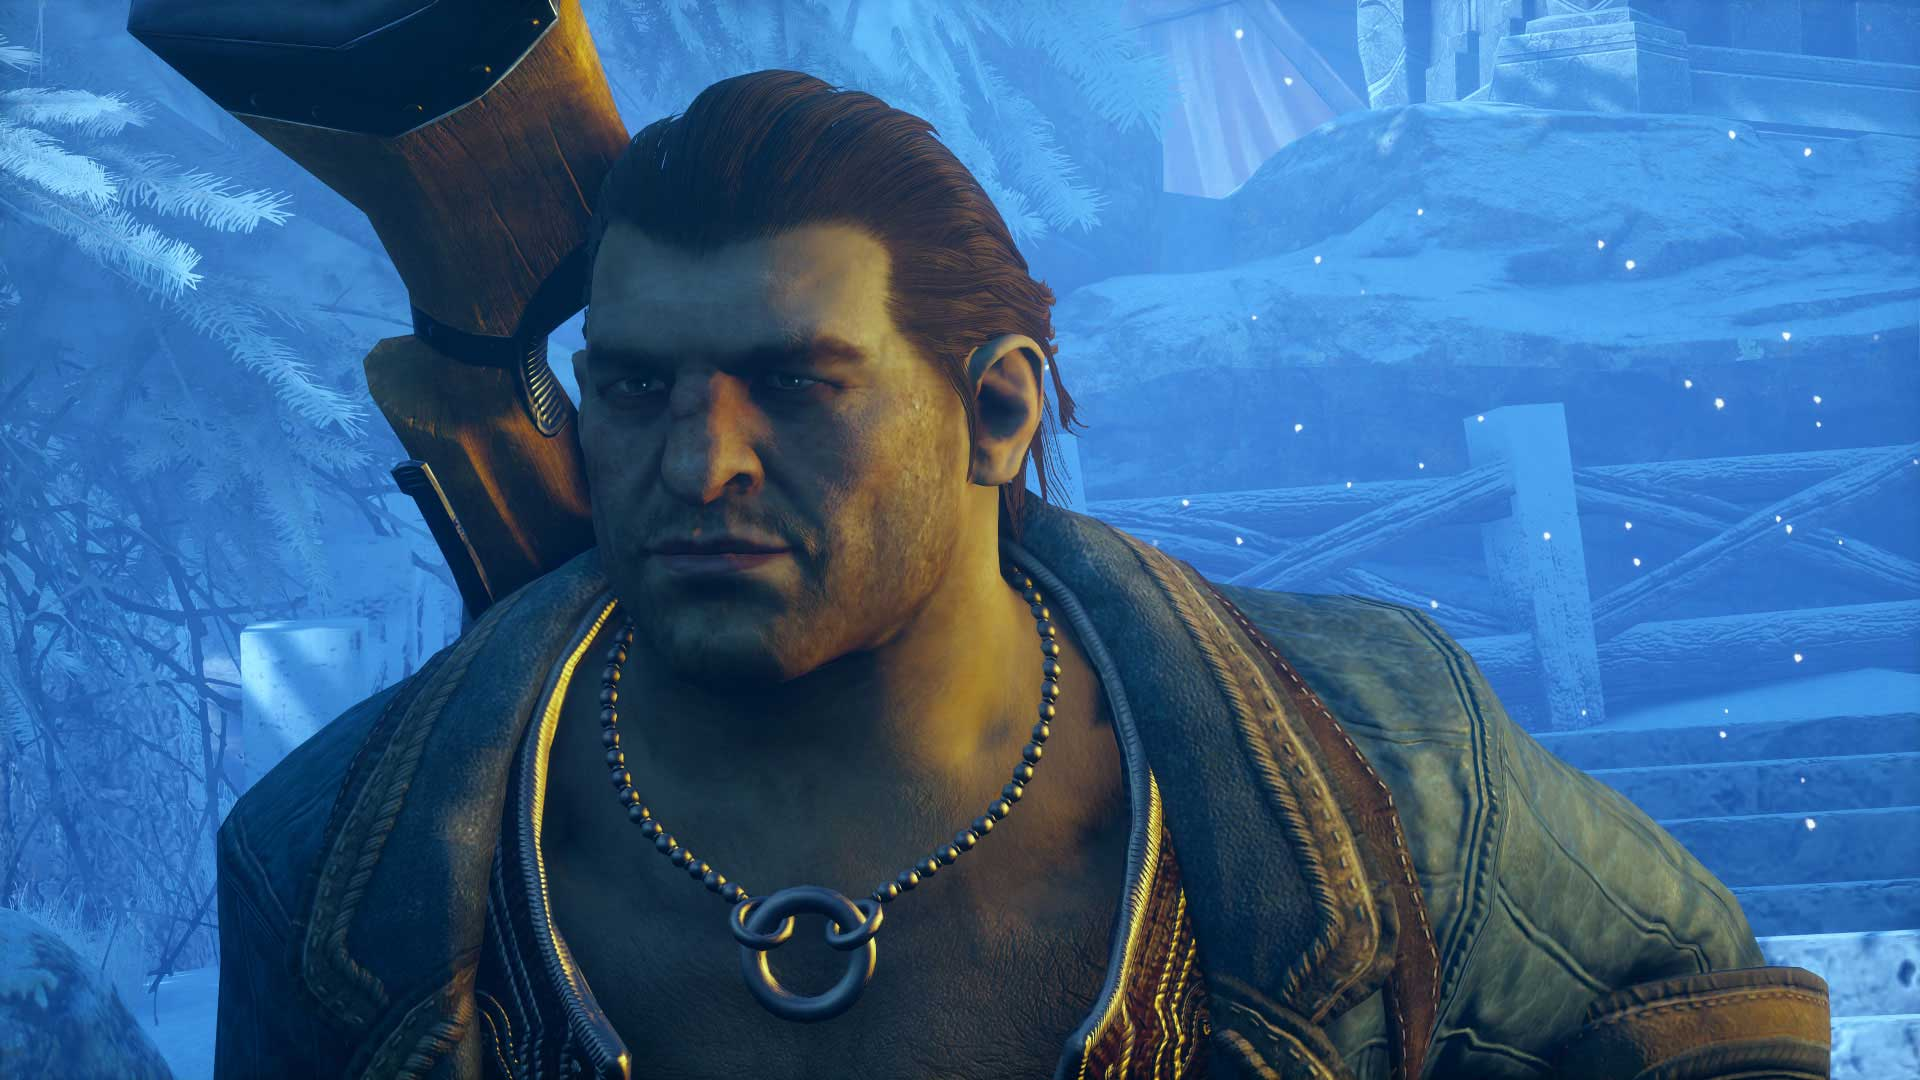 Скриншот №1 к Dragon Age Инквизиция - издание «Игра года»